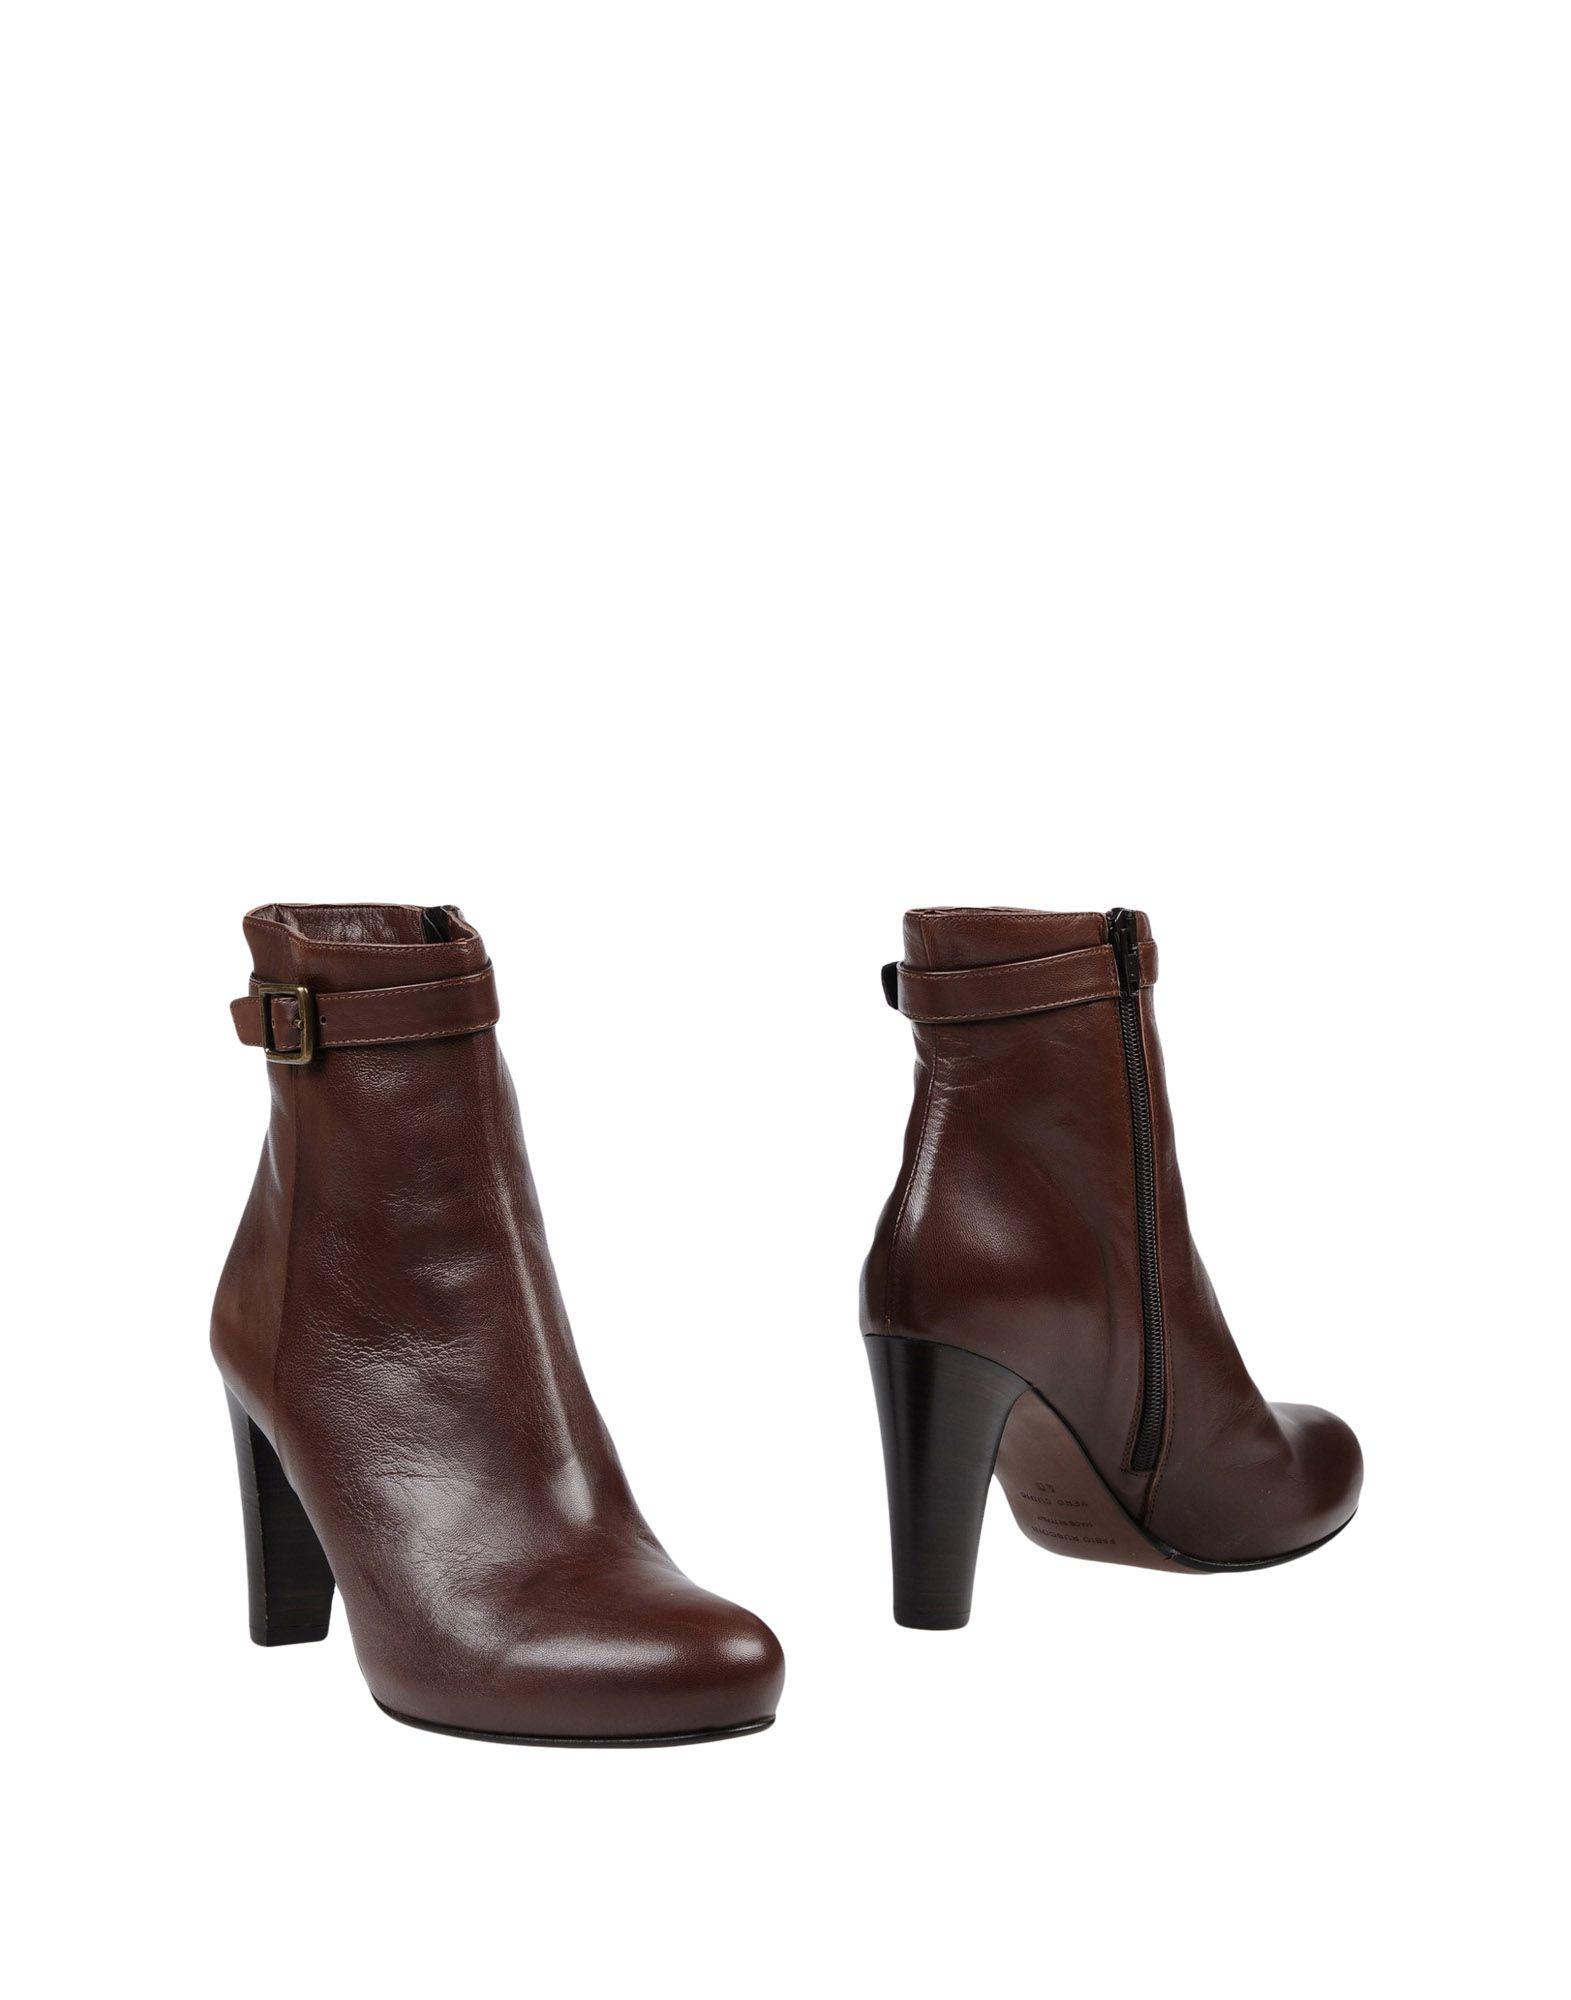 Fabio Rusconi Damen Stiefelette Damen Rusconi  11408130FM Gute Qualität beliebte Schuhe b3f883